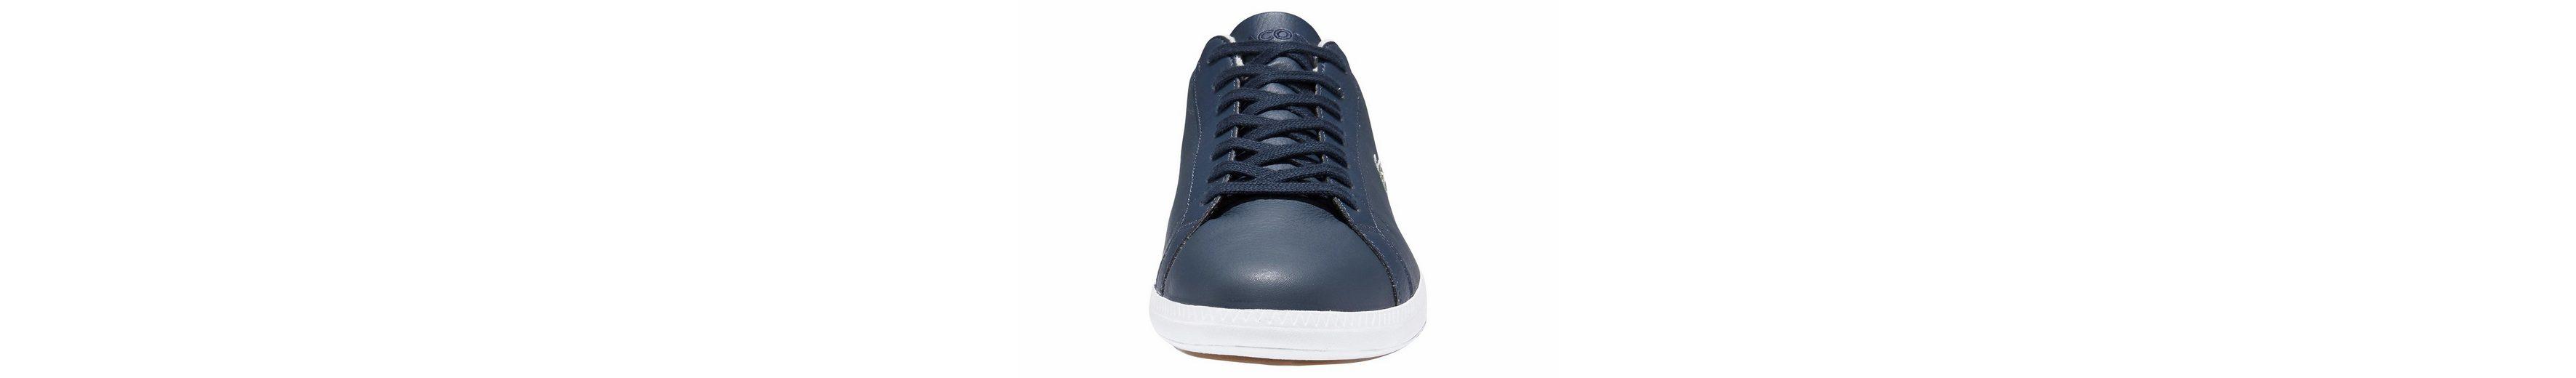 Lacoste GRADUATE LCR3 118 1 SPM Sneaker Spielraum Auslauf Spielraum Brandneue Unisex Rabatt Authentisch vwEOWjmot